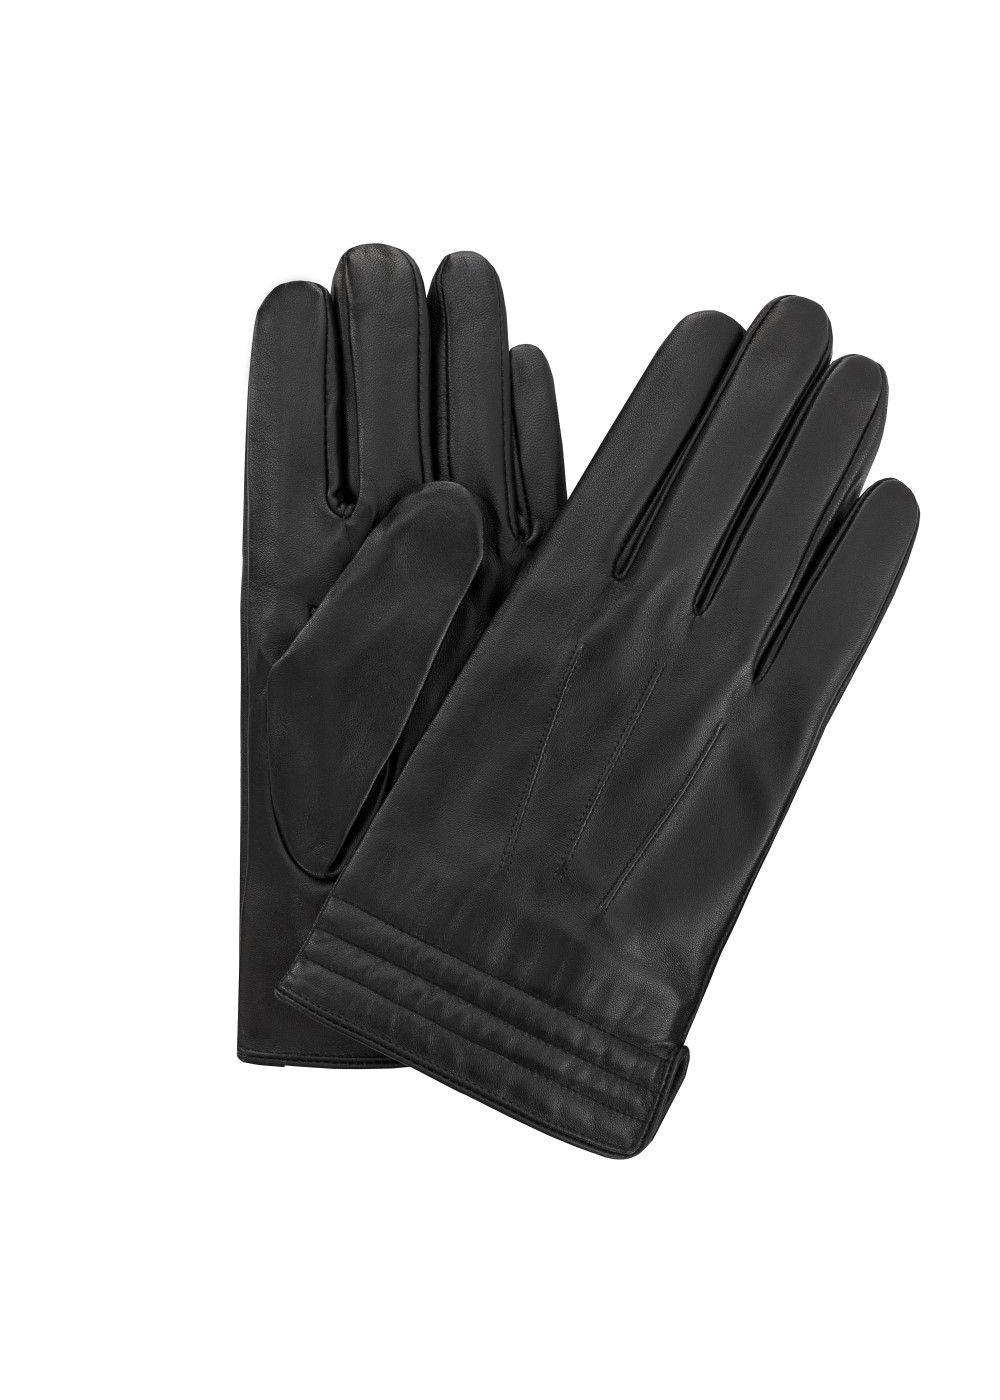 Rękawiczki męskie REKMS-0014-99(Z21)